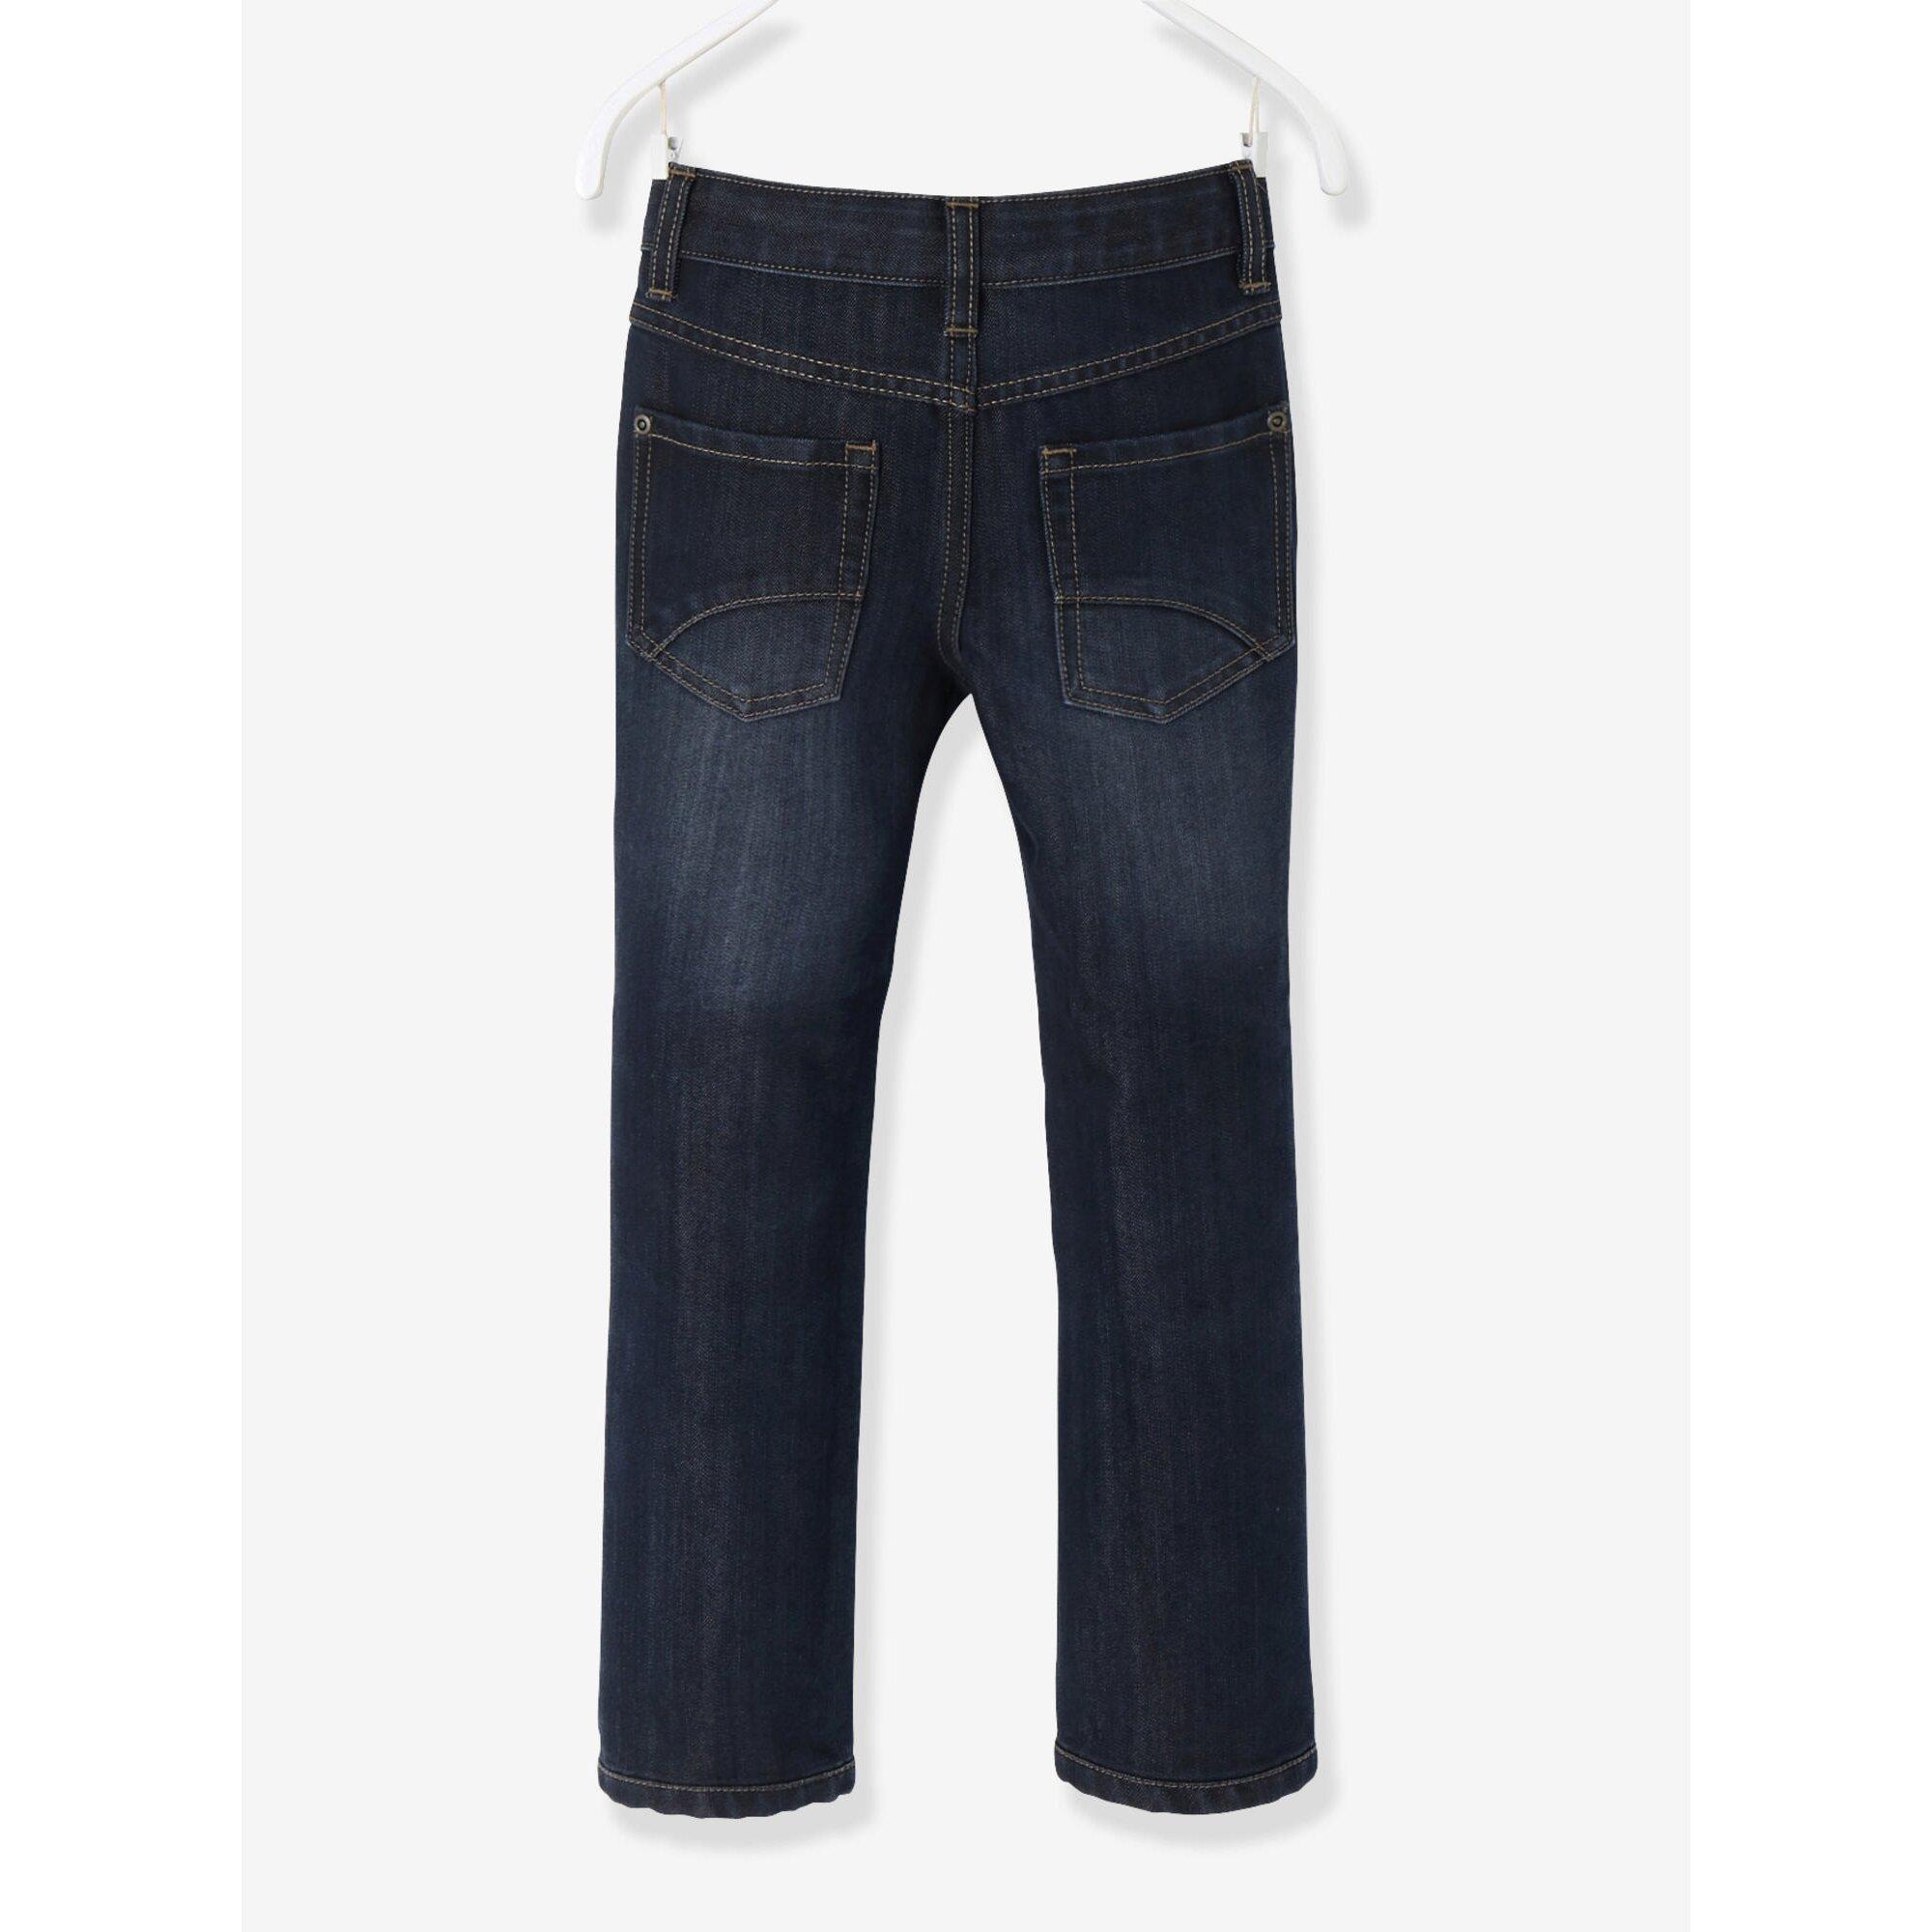 vertbaudet-robuste-regular-jeans-fur-jungen, 23.99 EUR @ babywalz-de